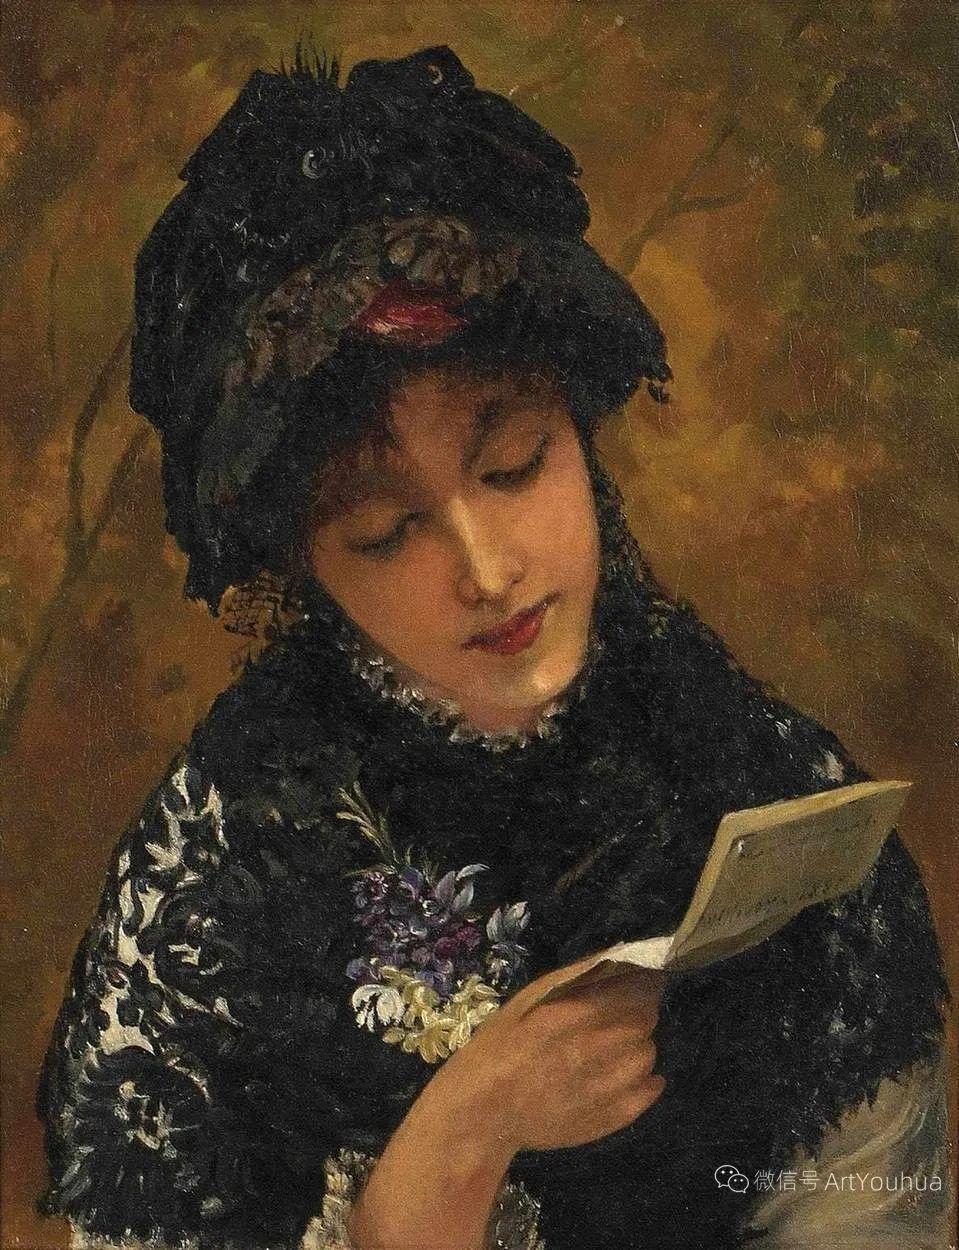 纯情与美丽,英国画家威廉·奥利弗作品选插图33